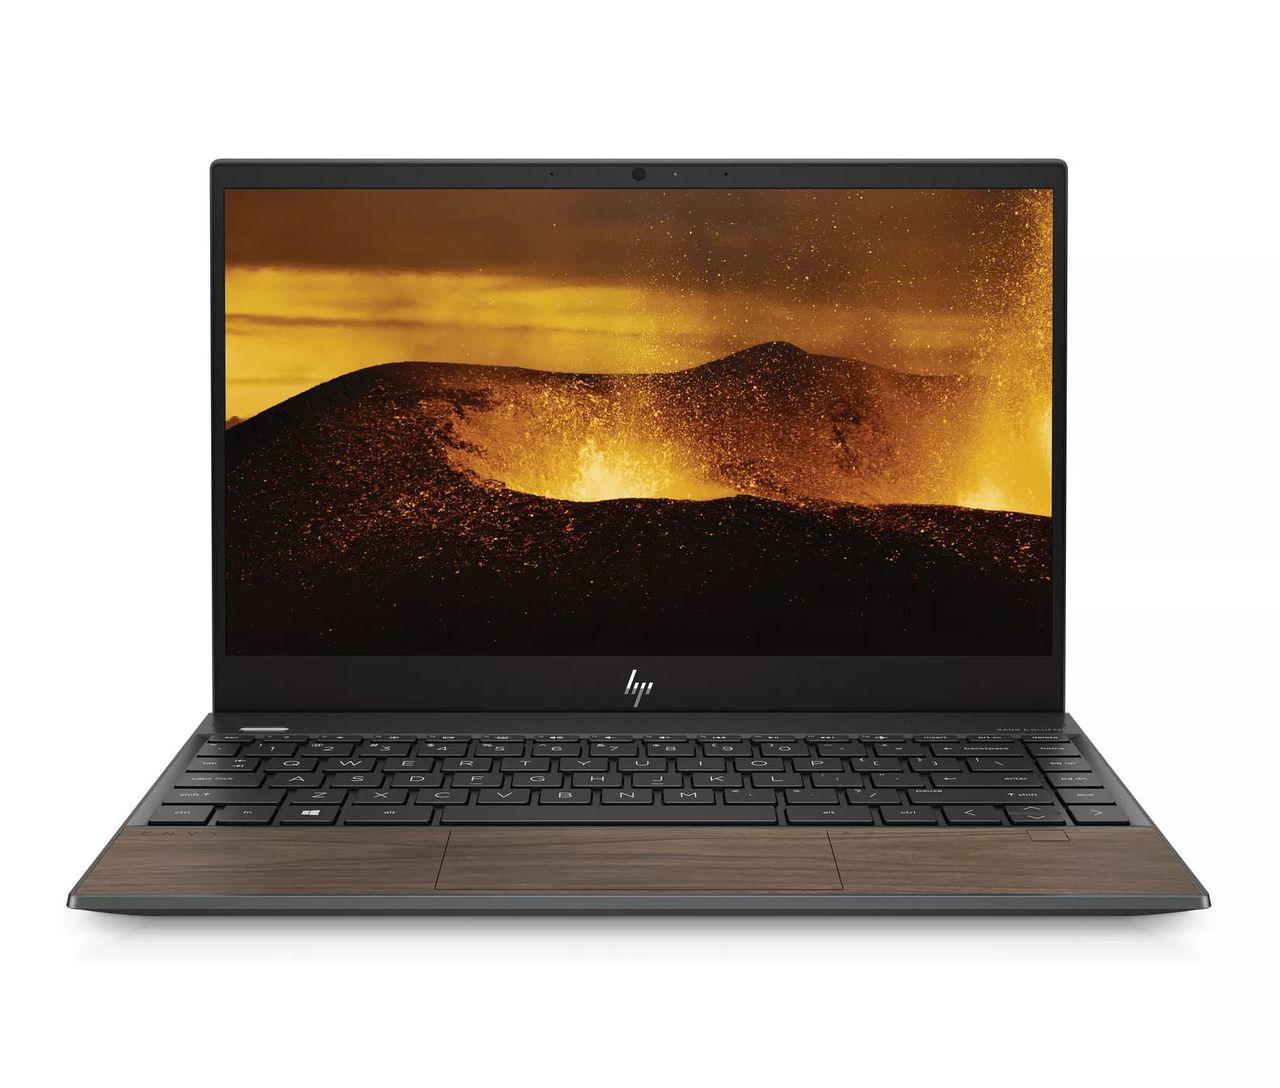 HP satsar på laptops i trä